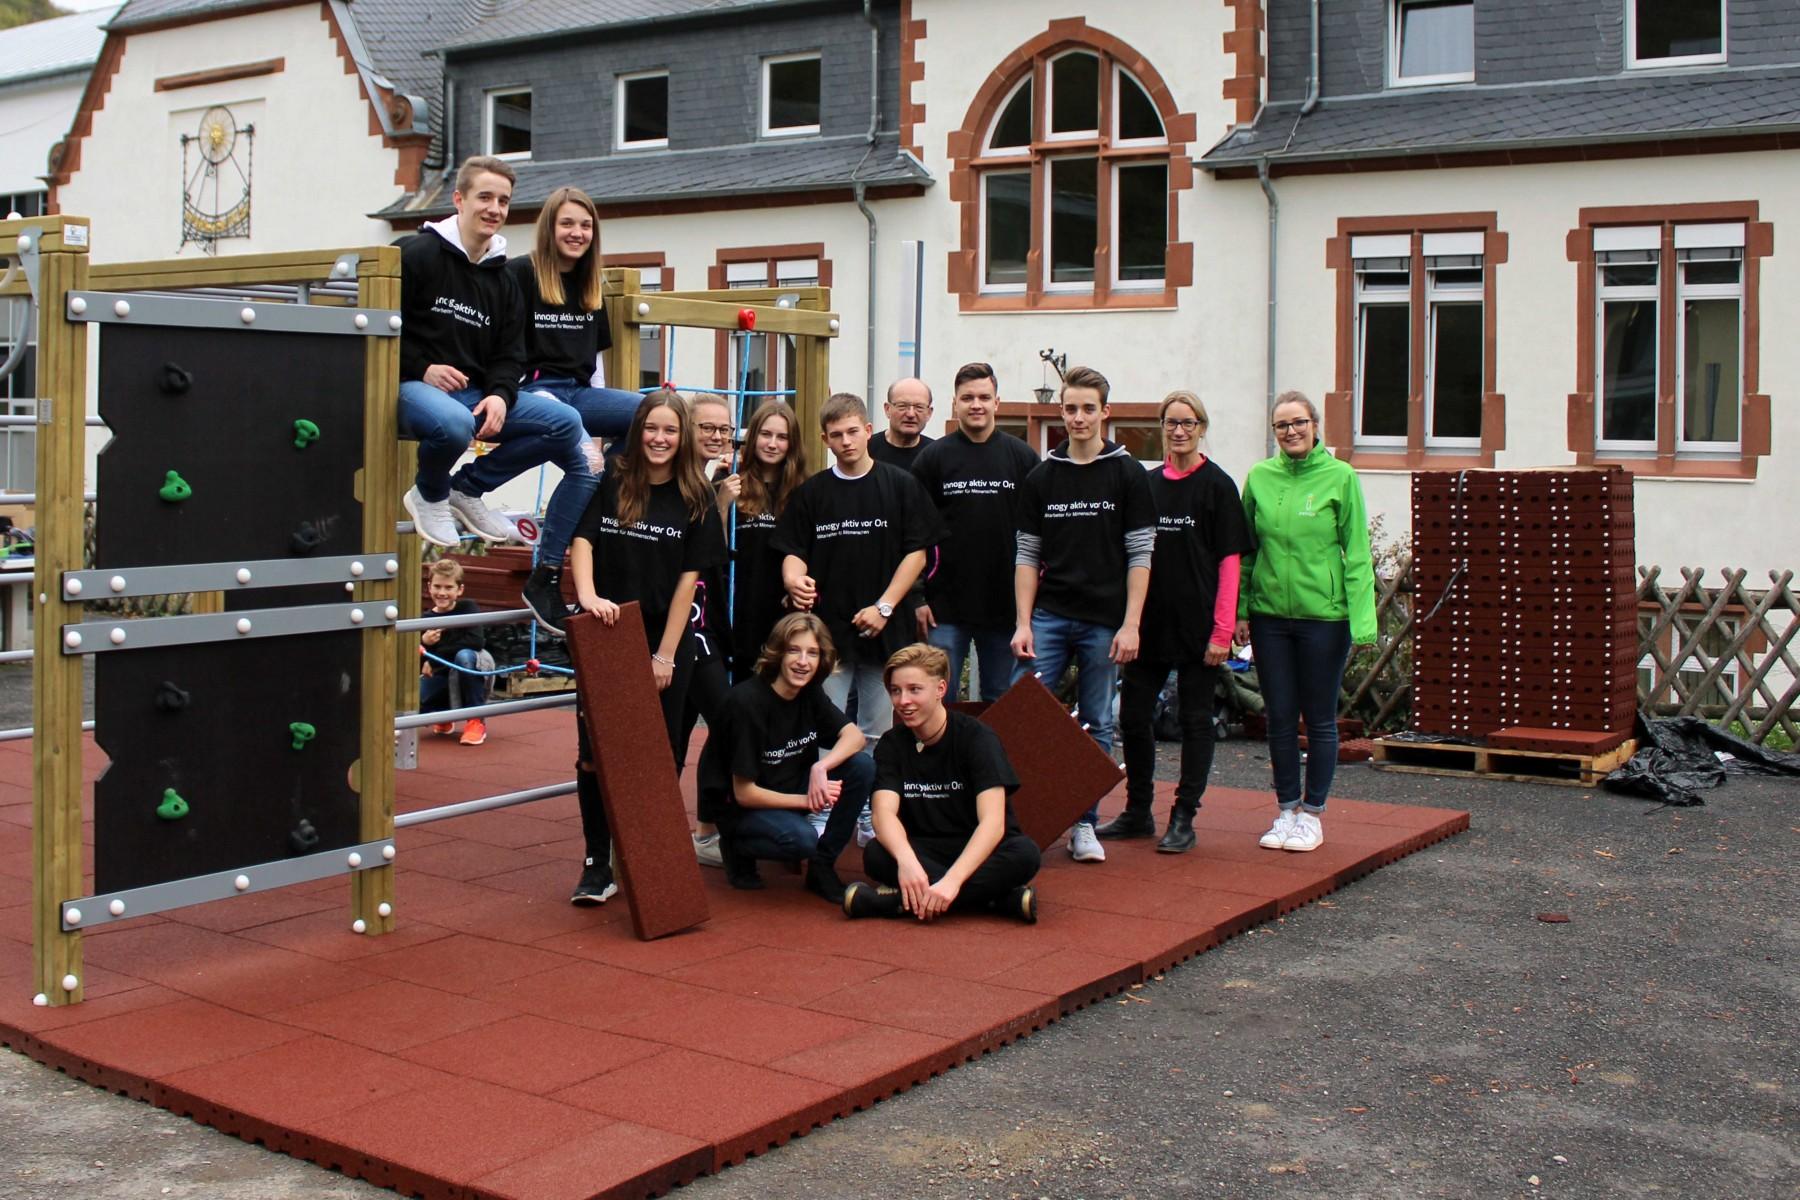 Klettergerüst English : Schülervertretung stellt klettergerüst auf